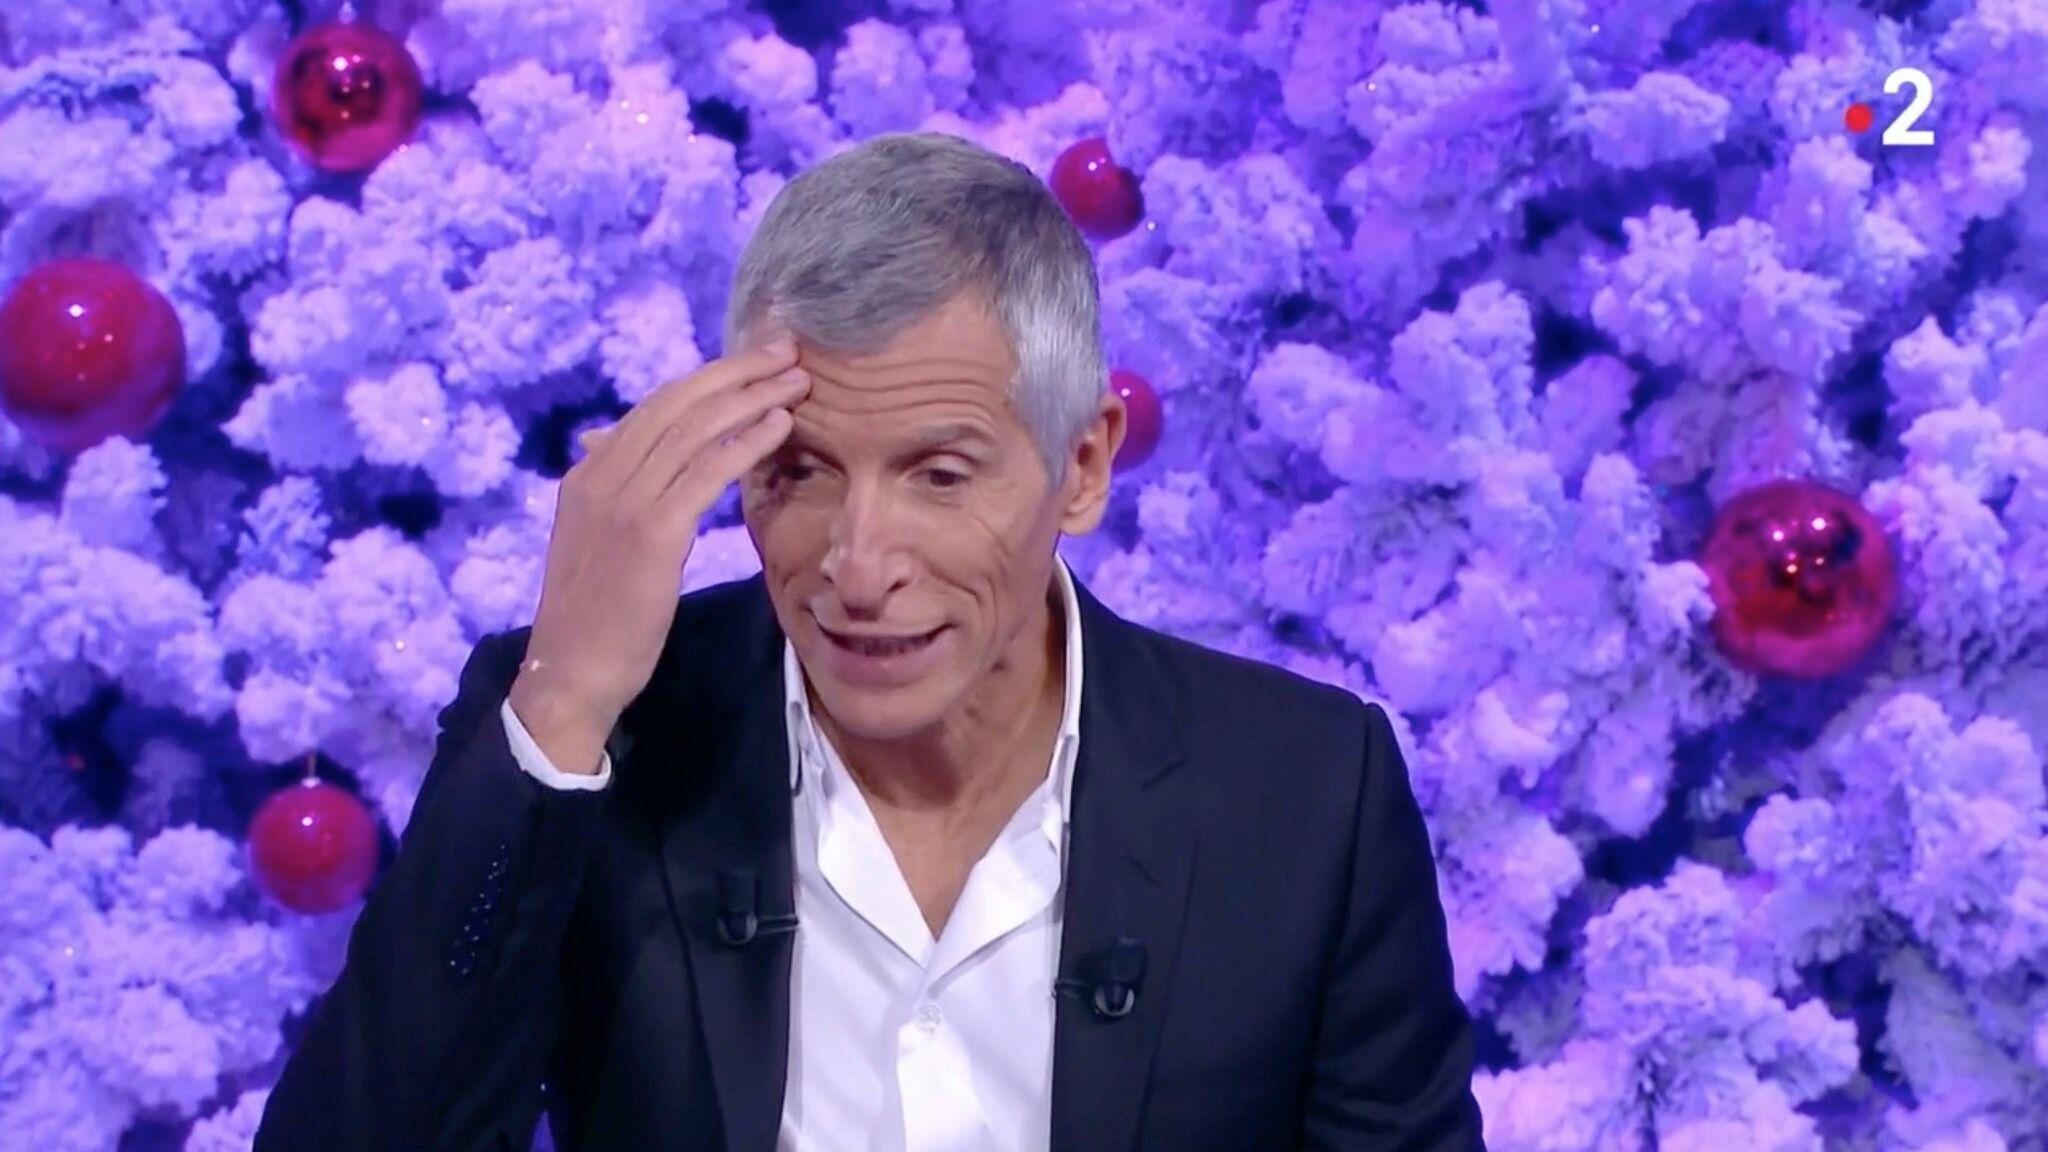 VIDEO Nagui pris pour un « c*n » par un candidat, il le recadre sèchement